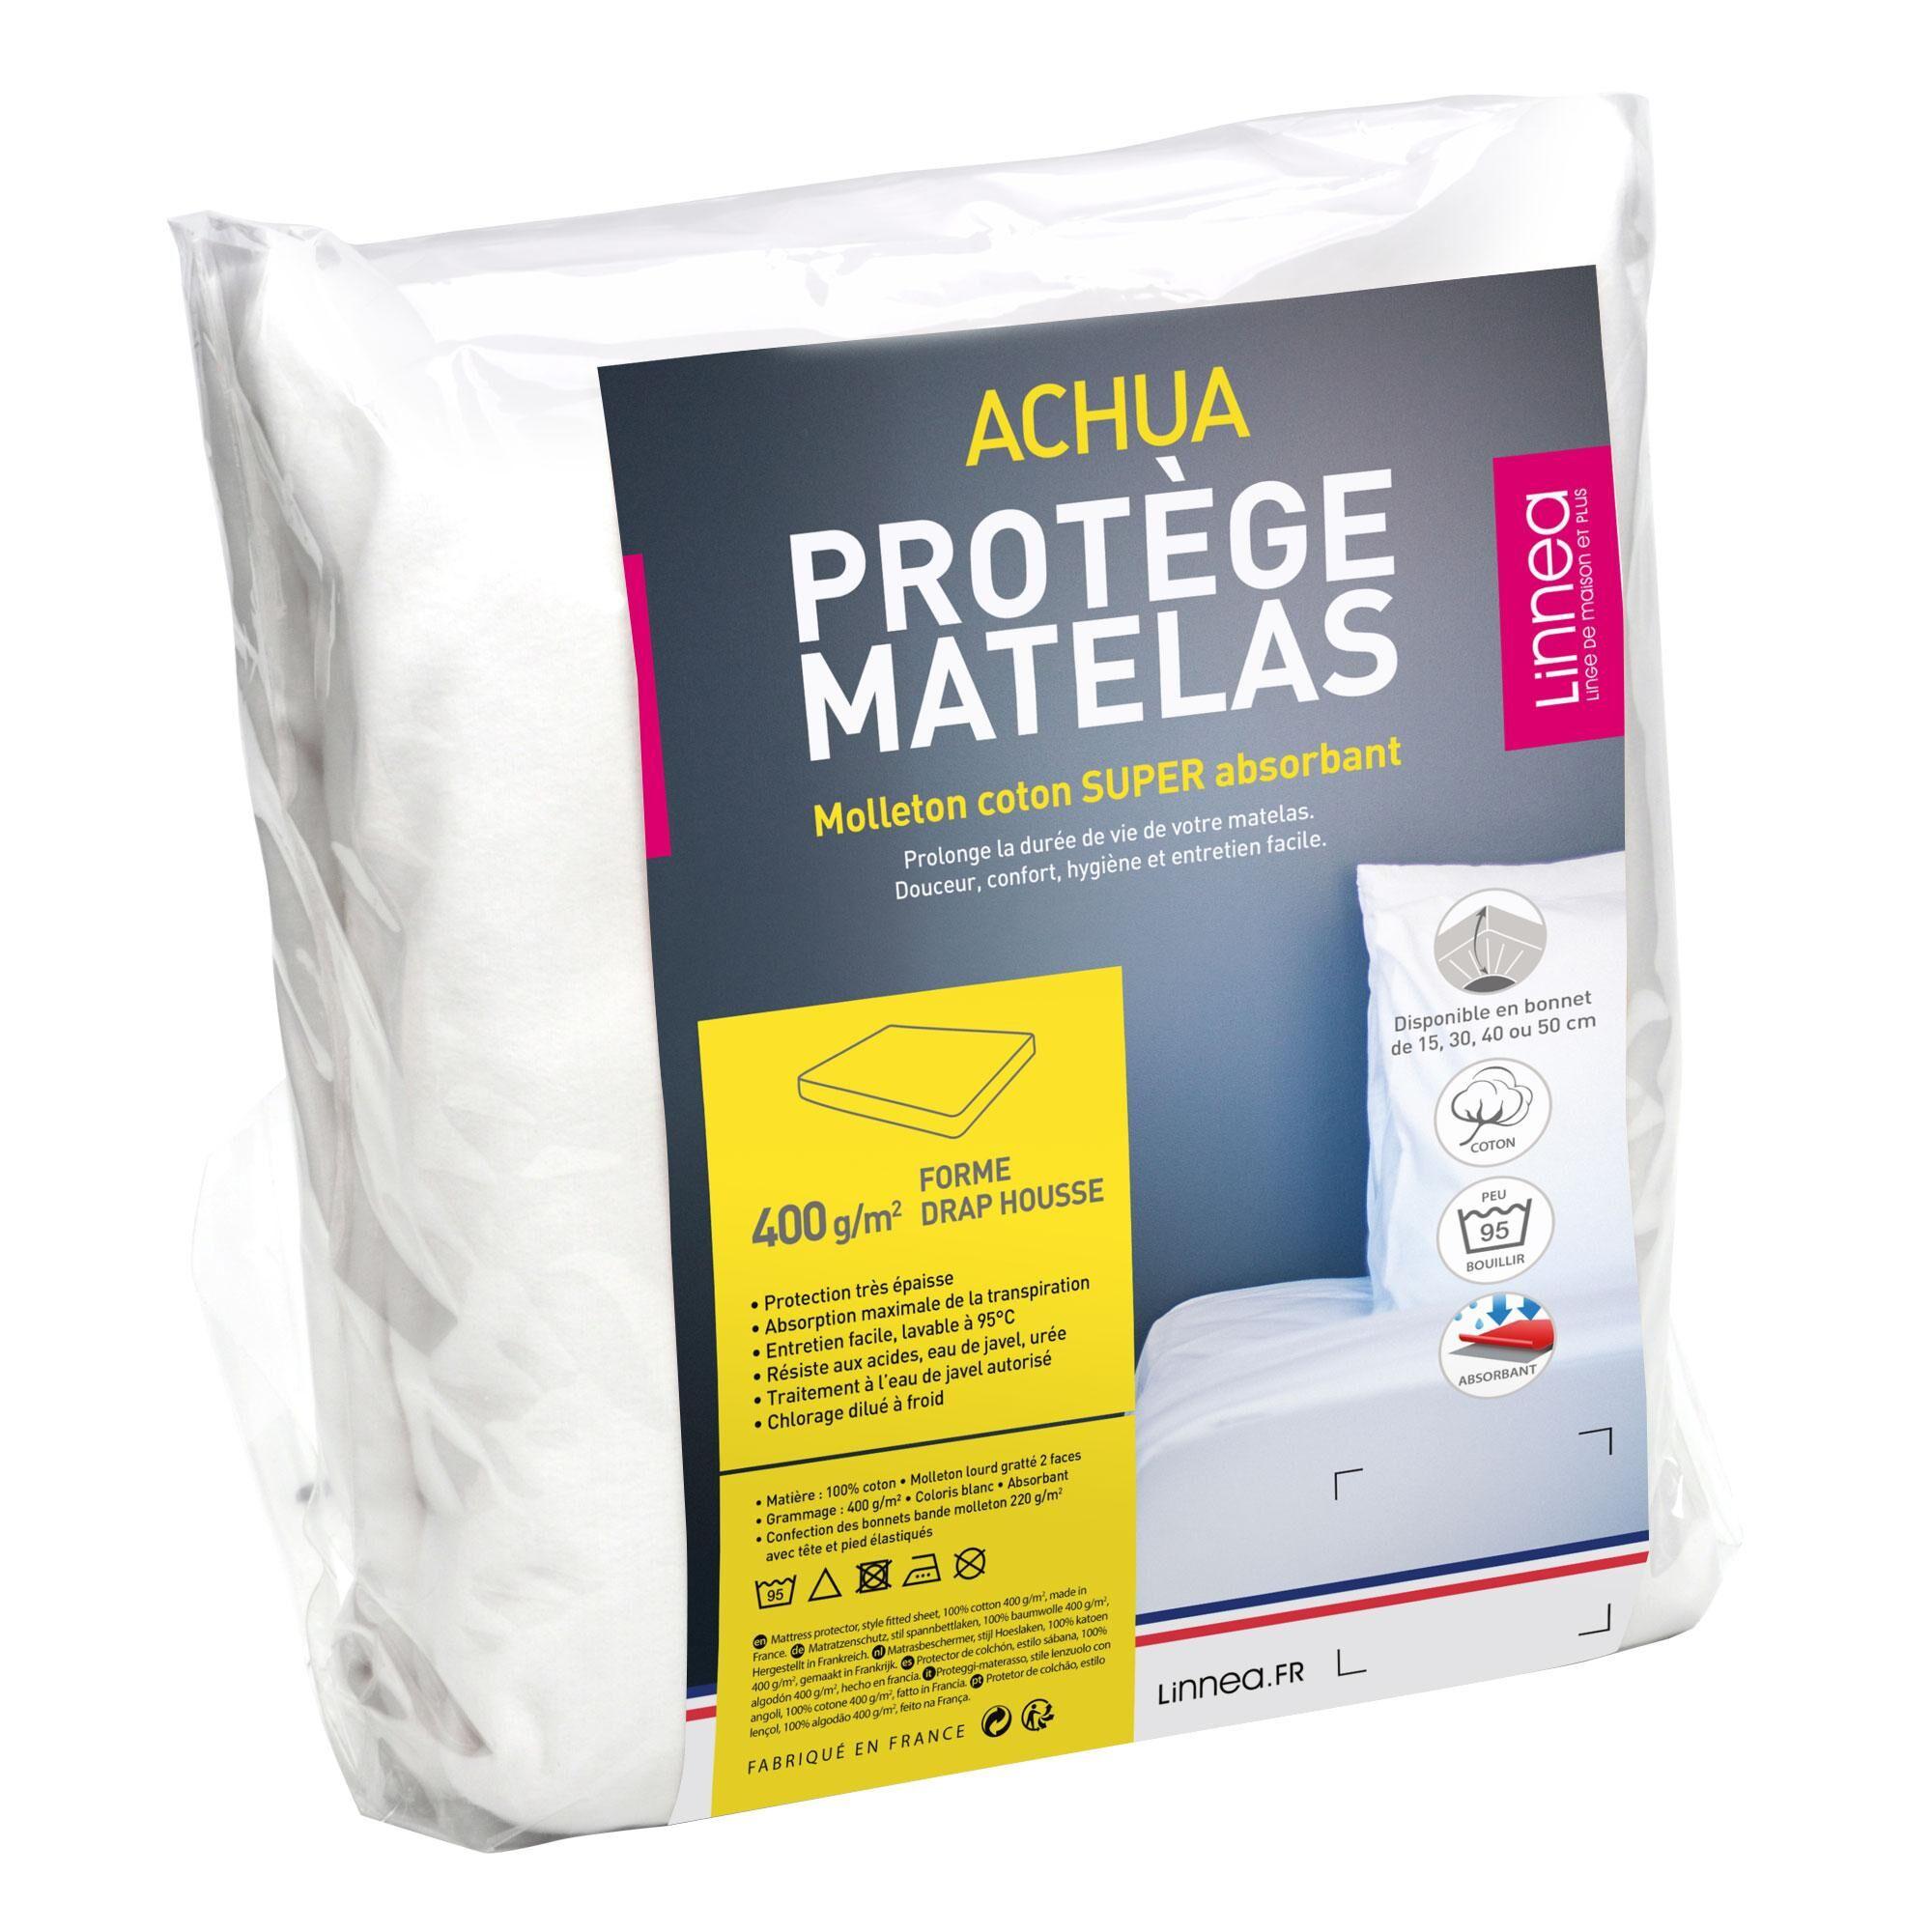 Linnea Protège matelas 60x120 cm ACHUA Molleton 100% coton 400 g/m2 bonnet 15cm